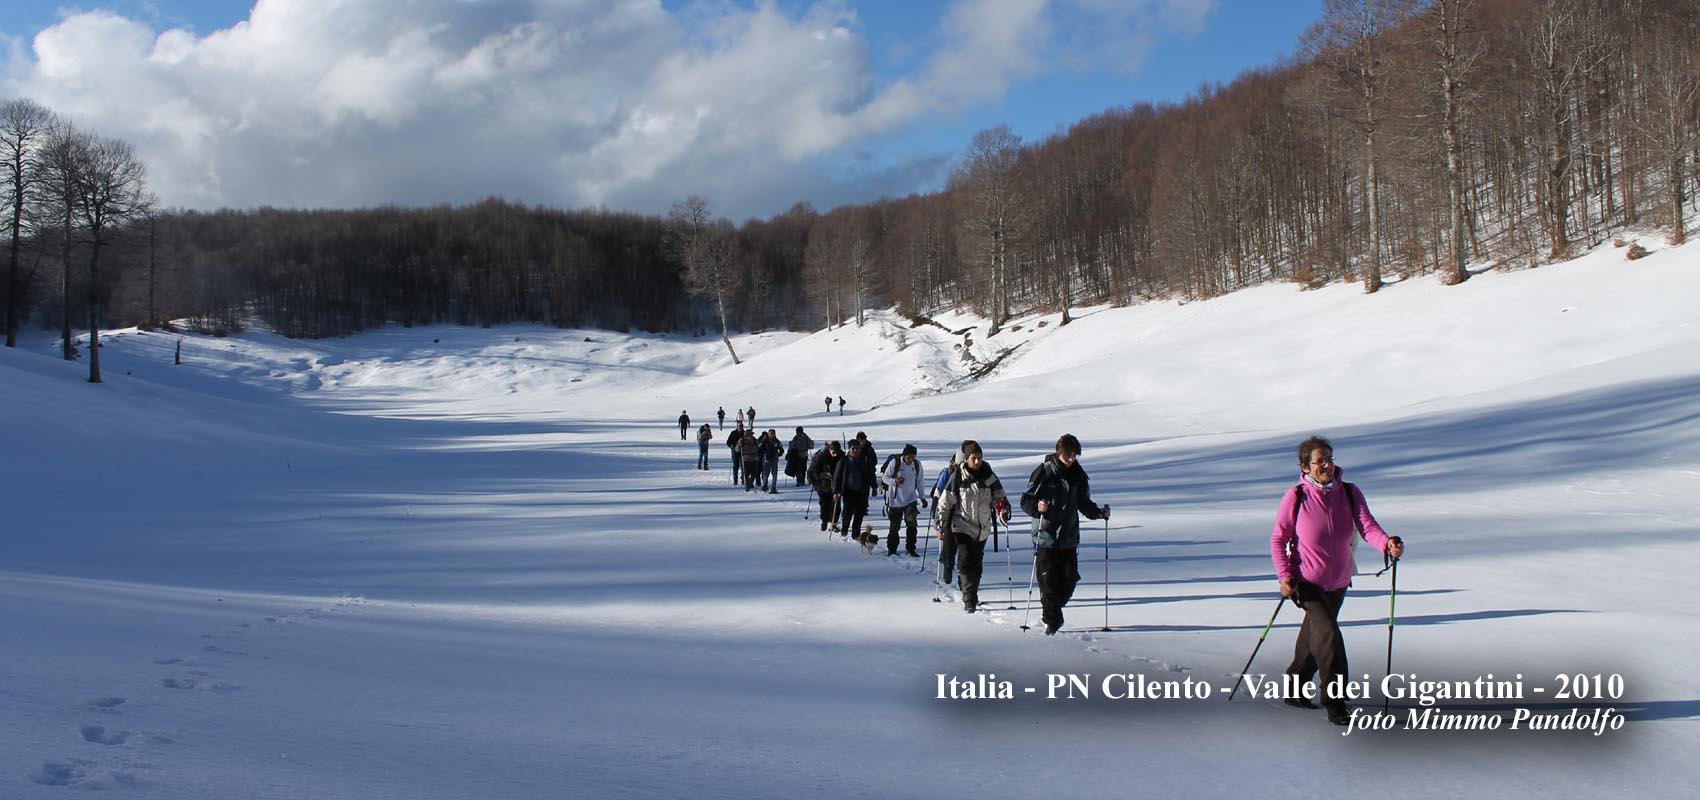 Italia, PN Cilento - Valle dei Gigantini - 2010